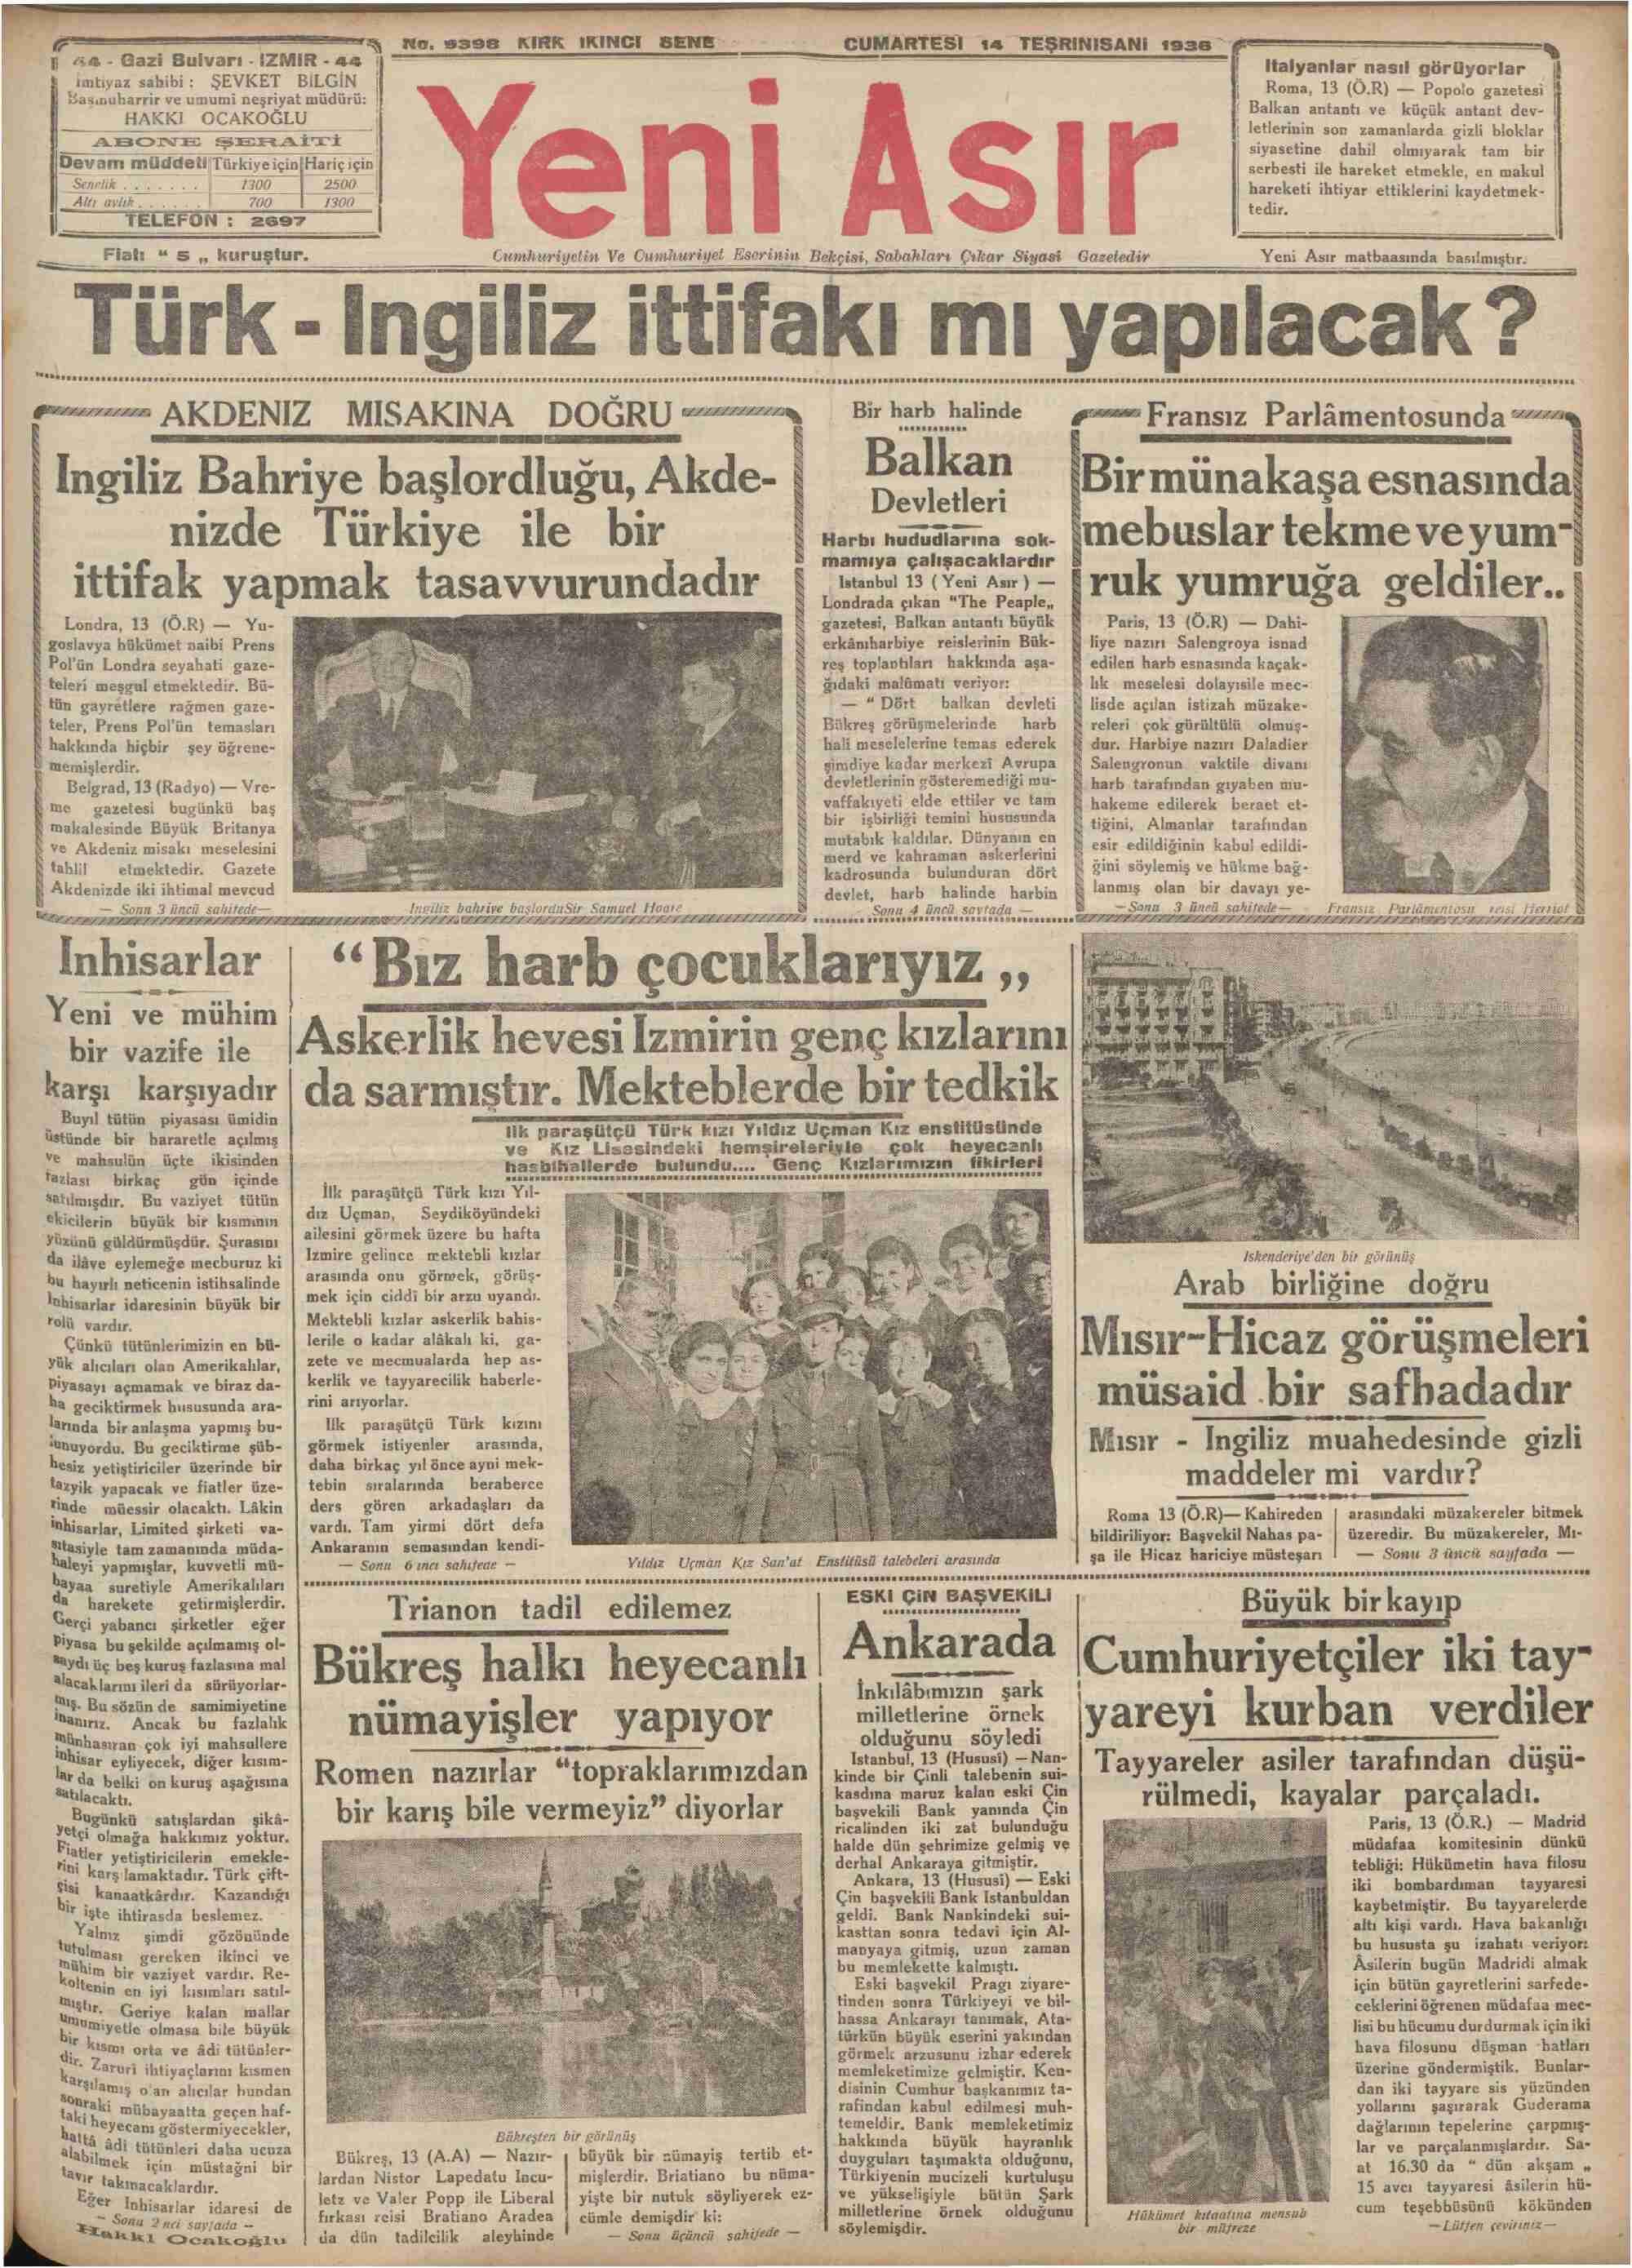 14 Kasım 1936 Tarihli Yeni Asır Dergisi Sayfa 1